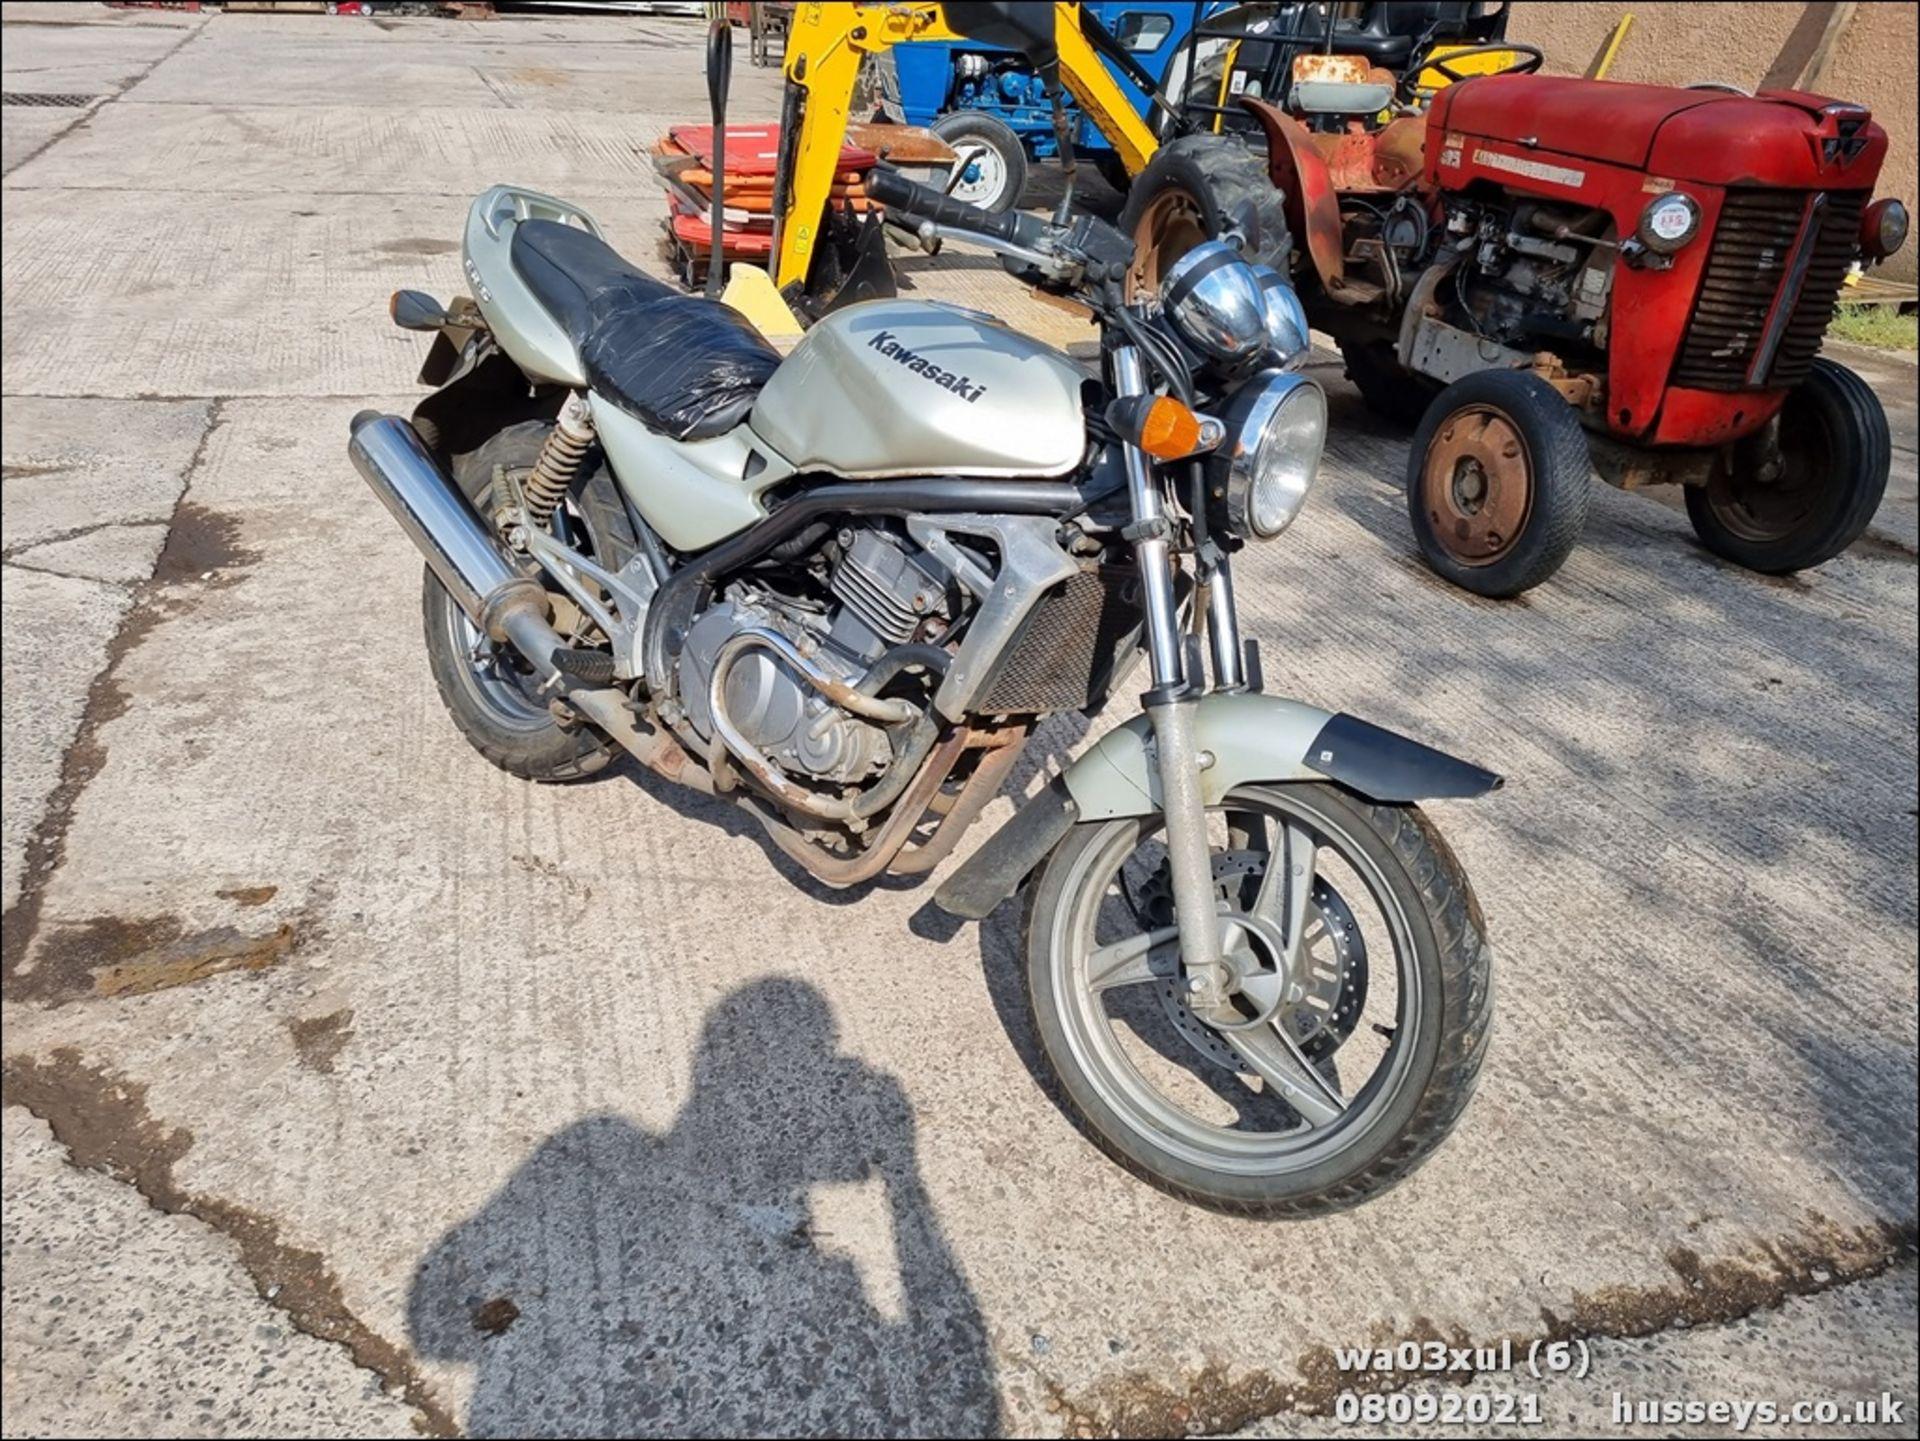 03/03 KAWASAKI ER500-C1 - 498cc Motorcycle (Gold) - Image 5 of 16